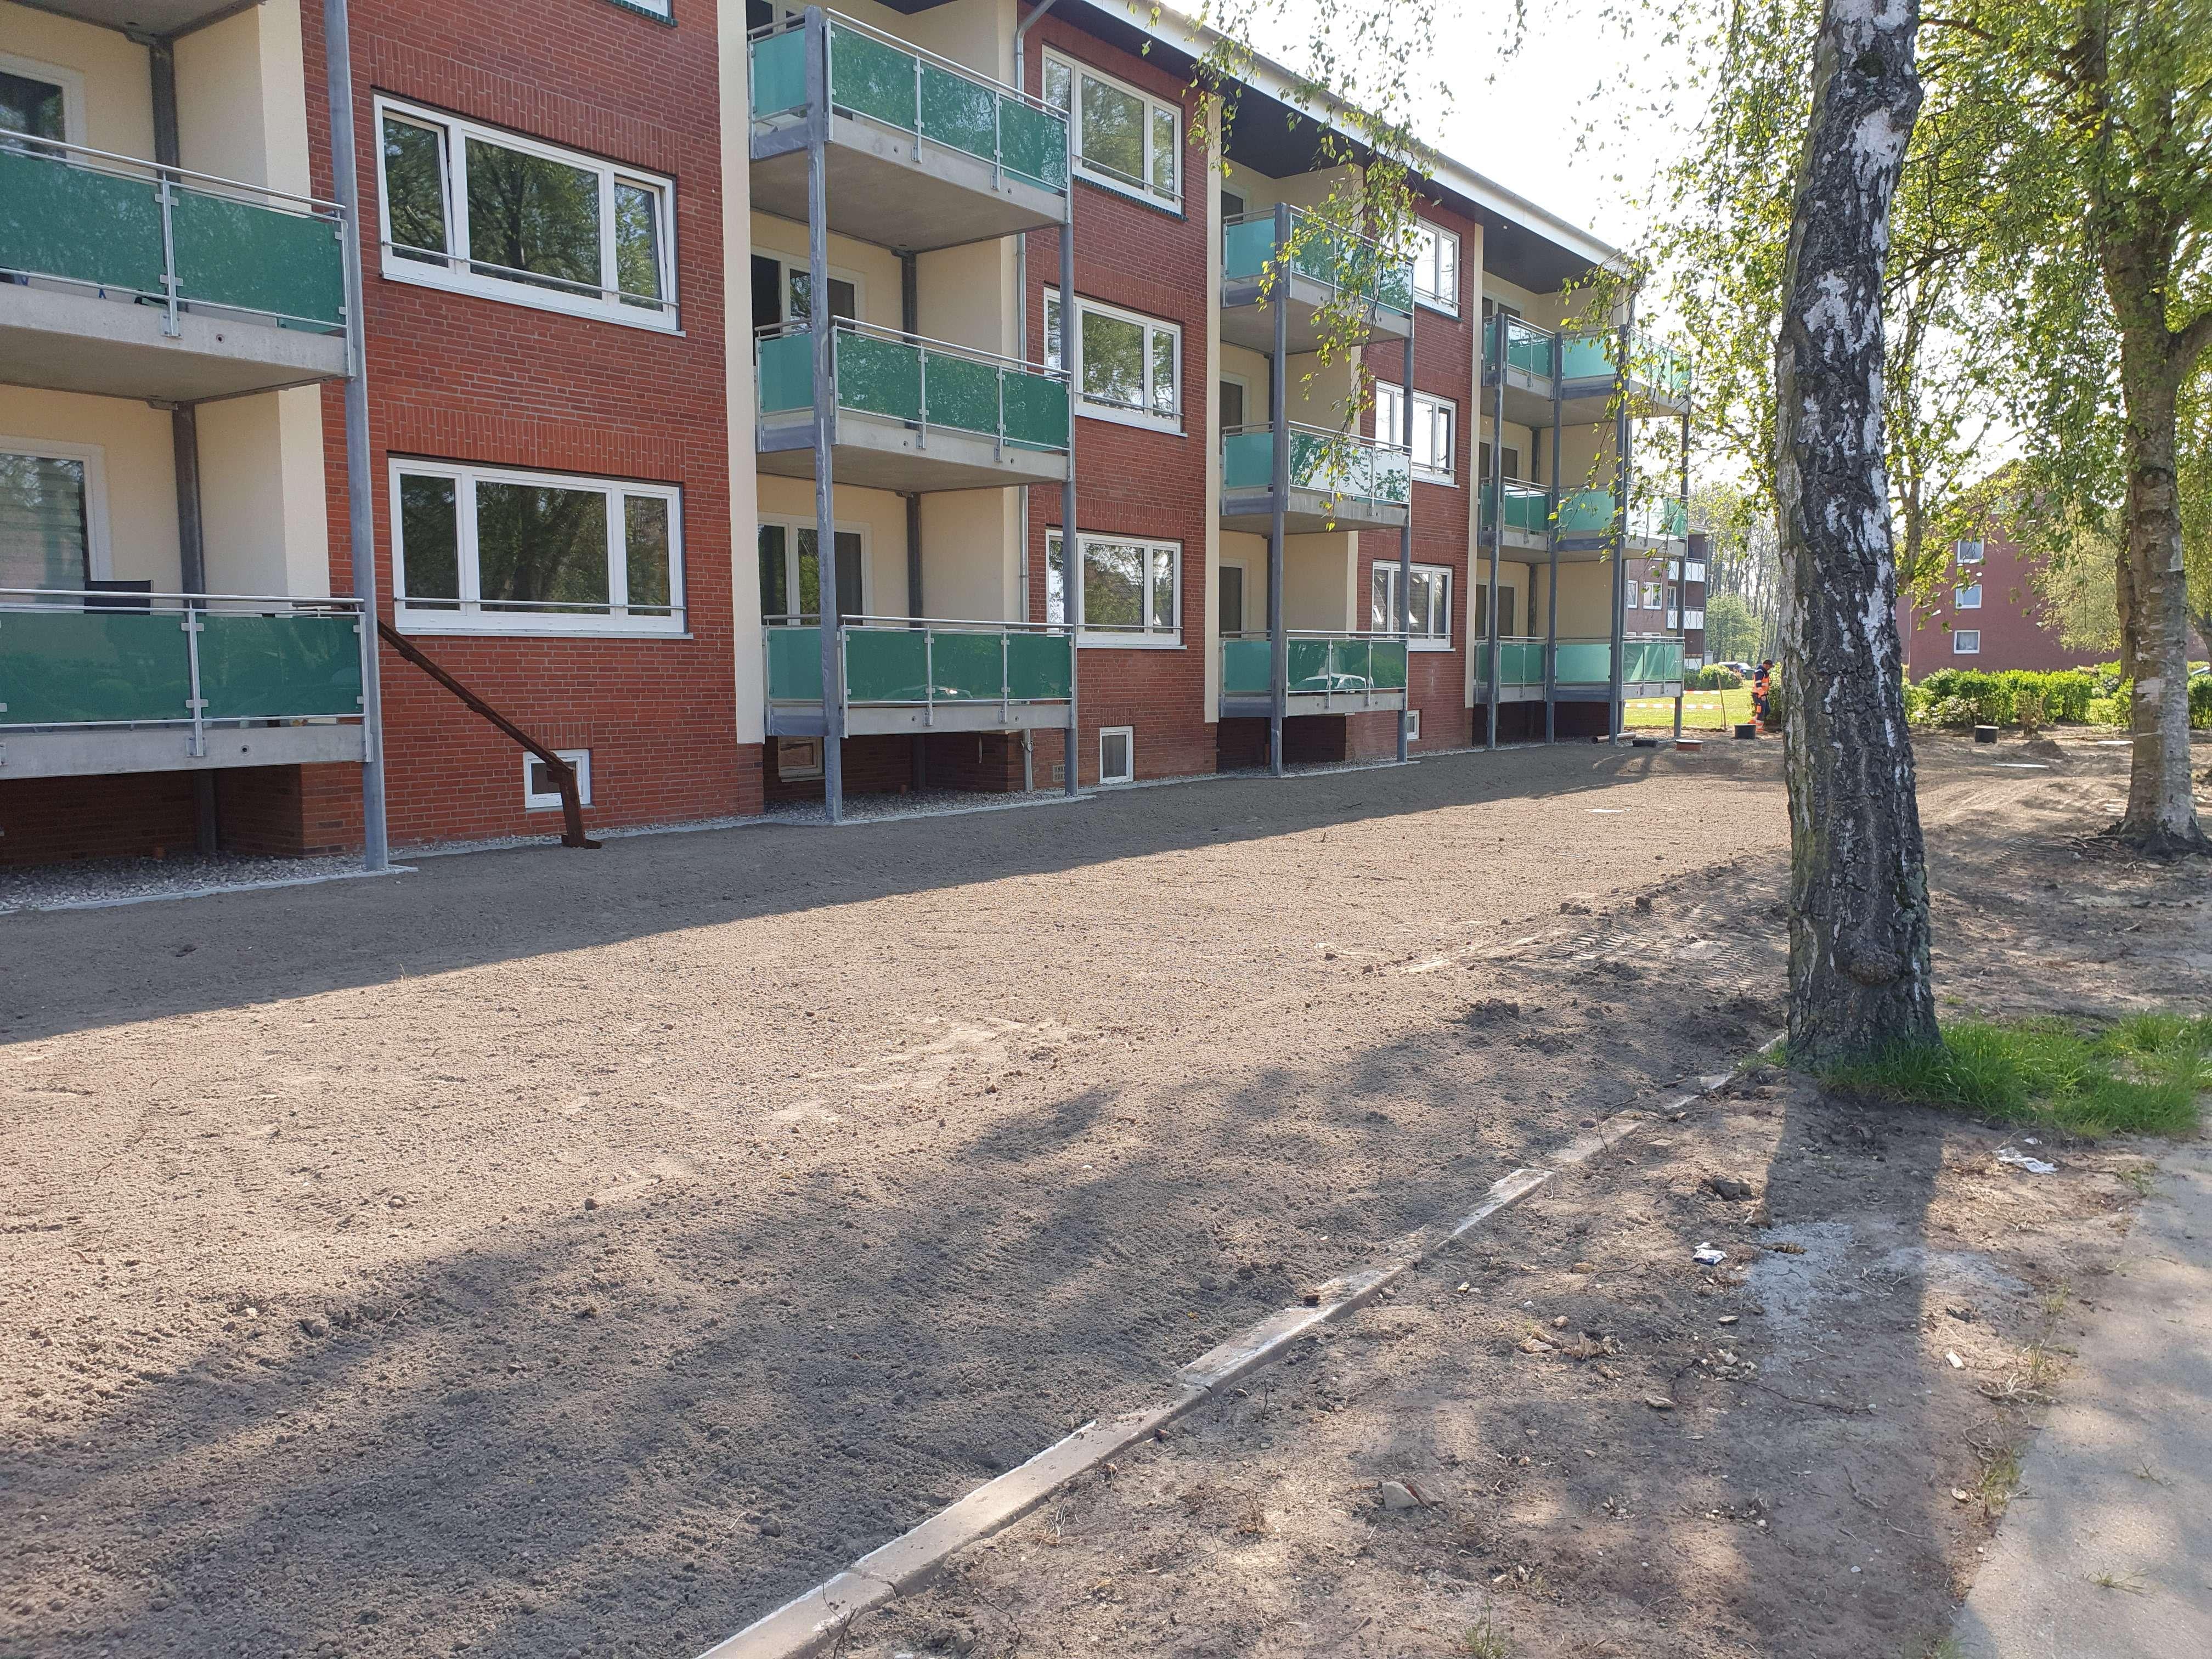 Großzügige modernisierte 2 Zimmer-Wohnung